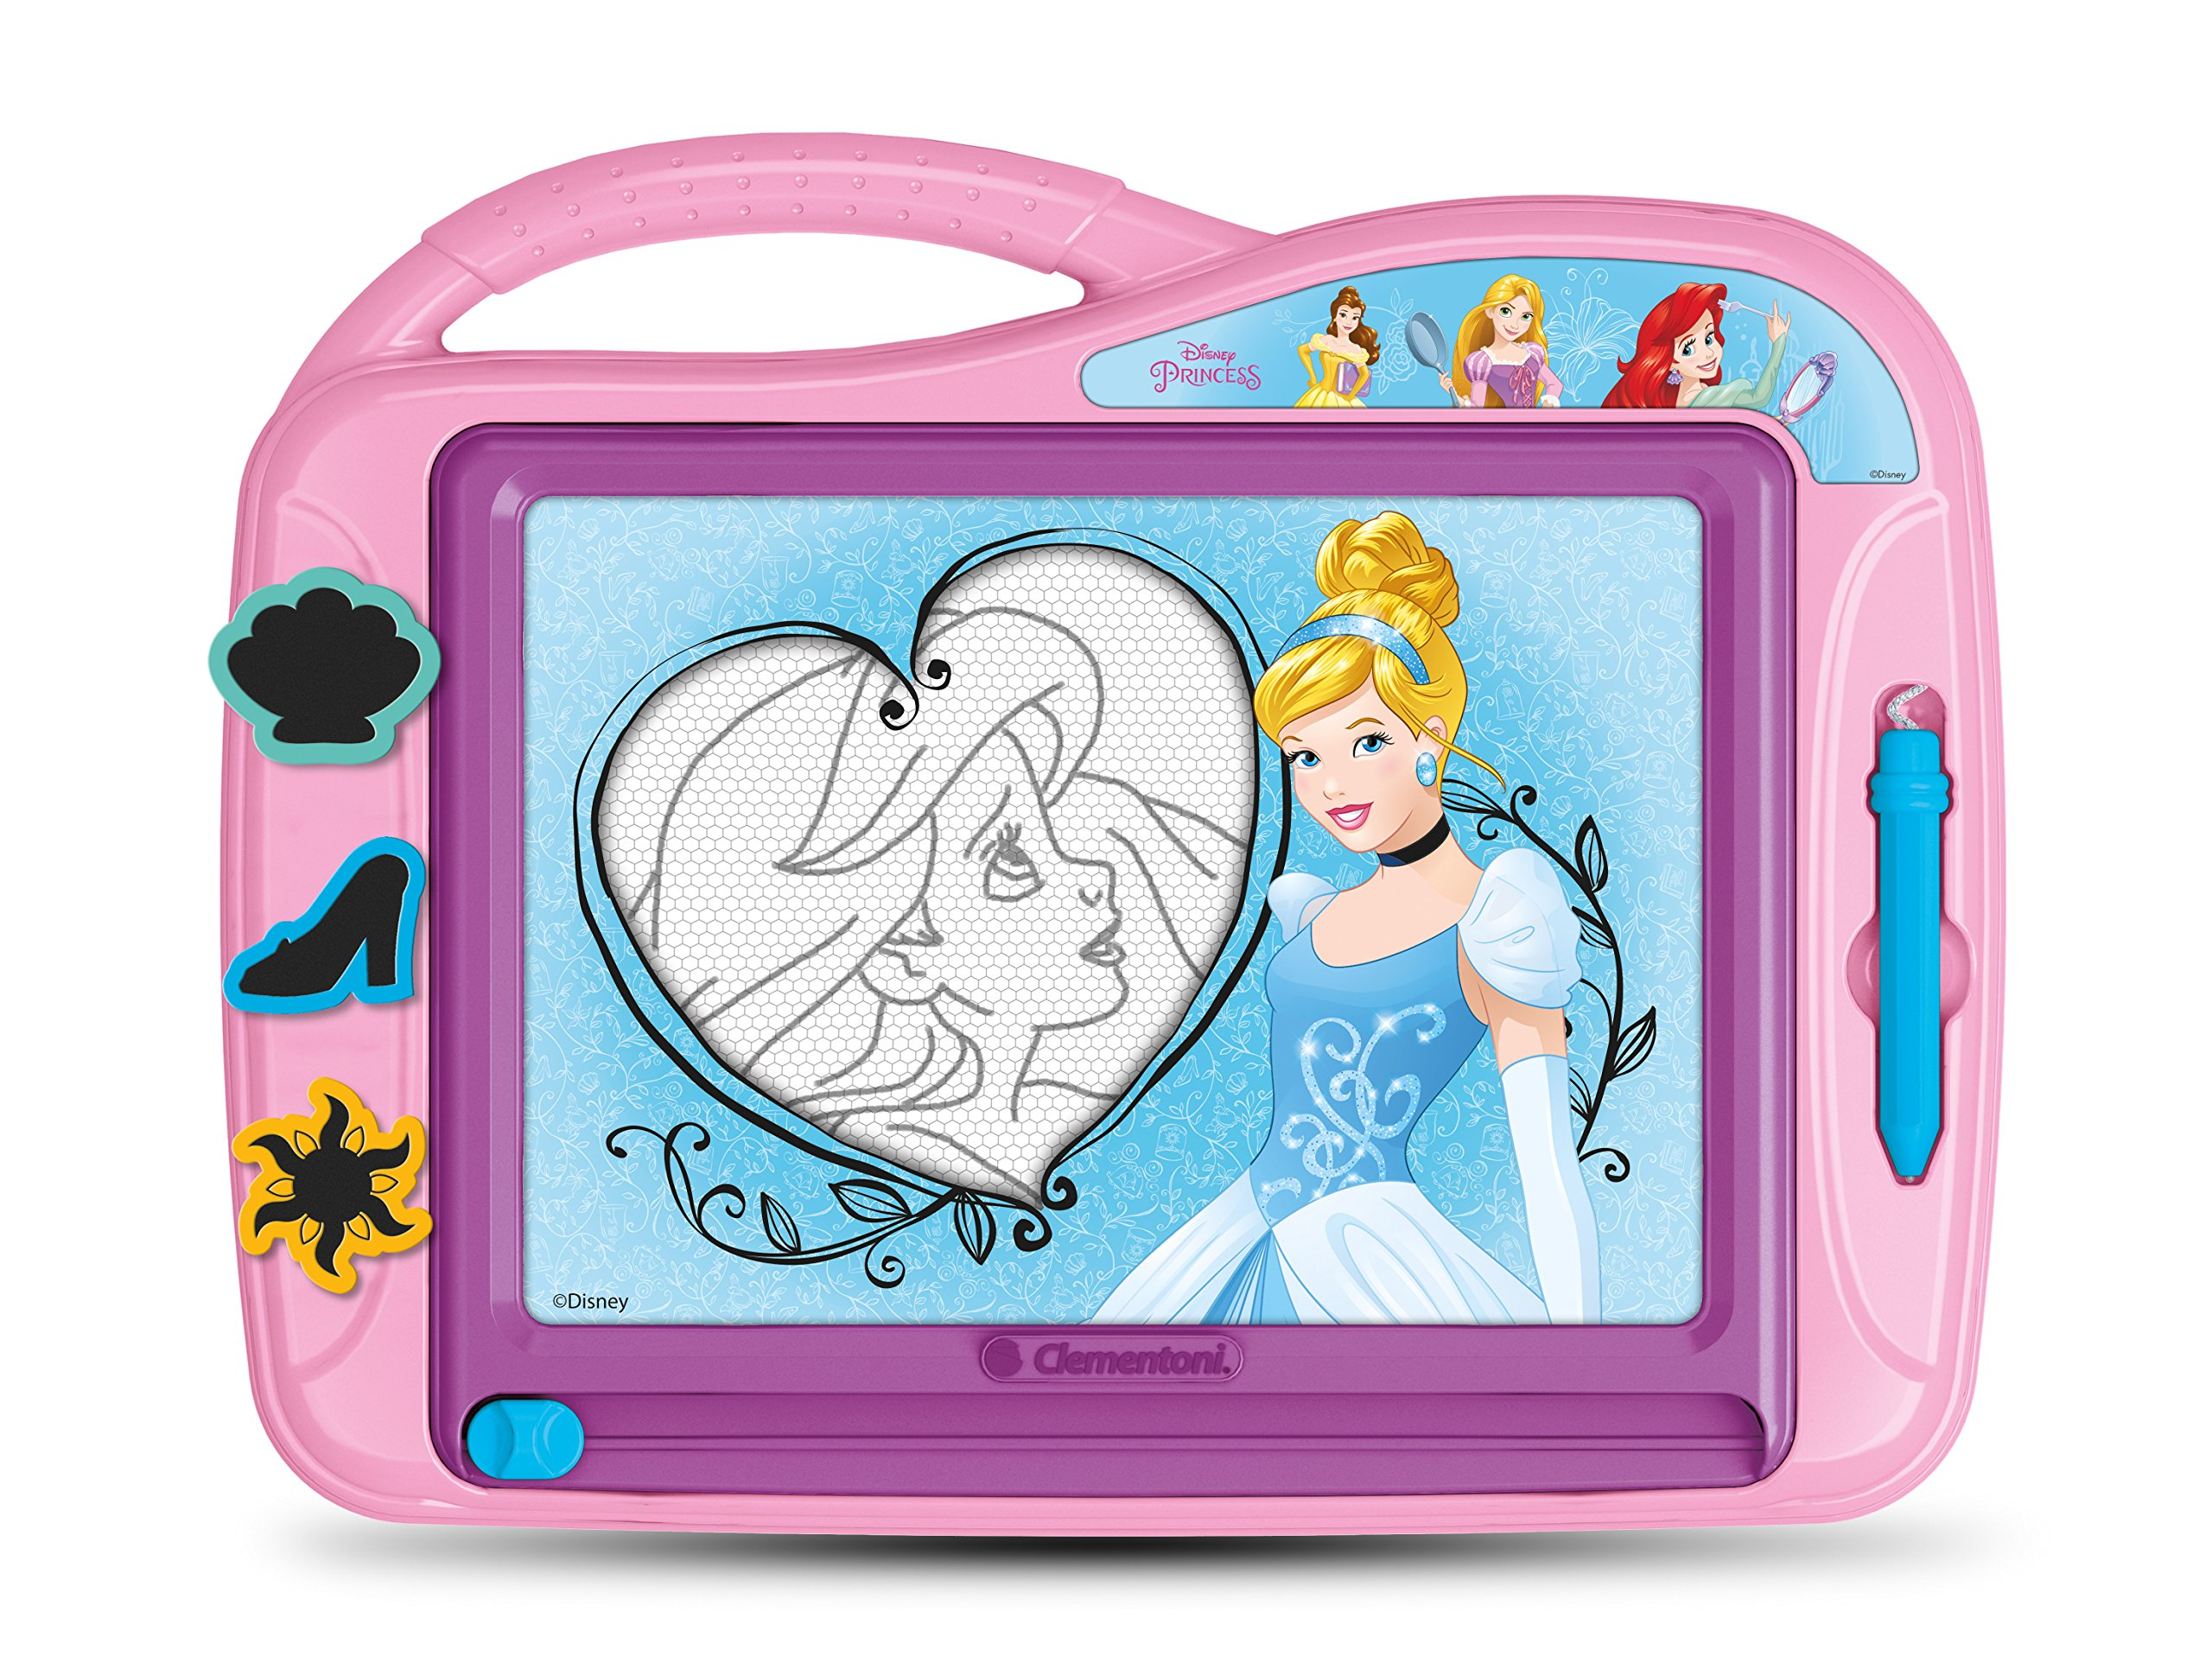 Clementoni - 15165-Princesses - Ardoise magique-Jeu créatif product image